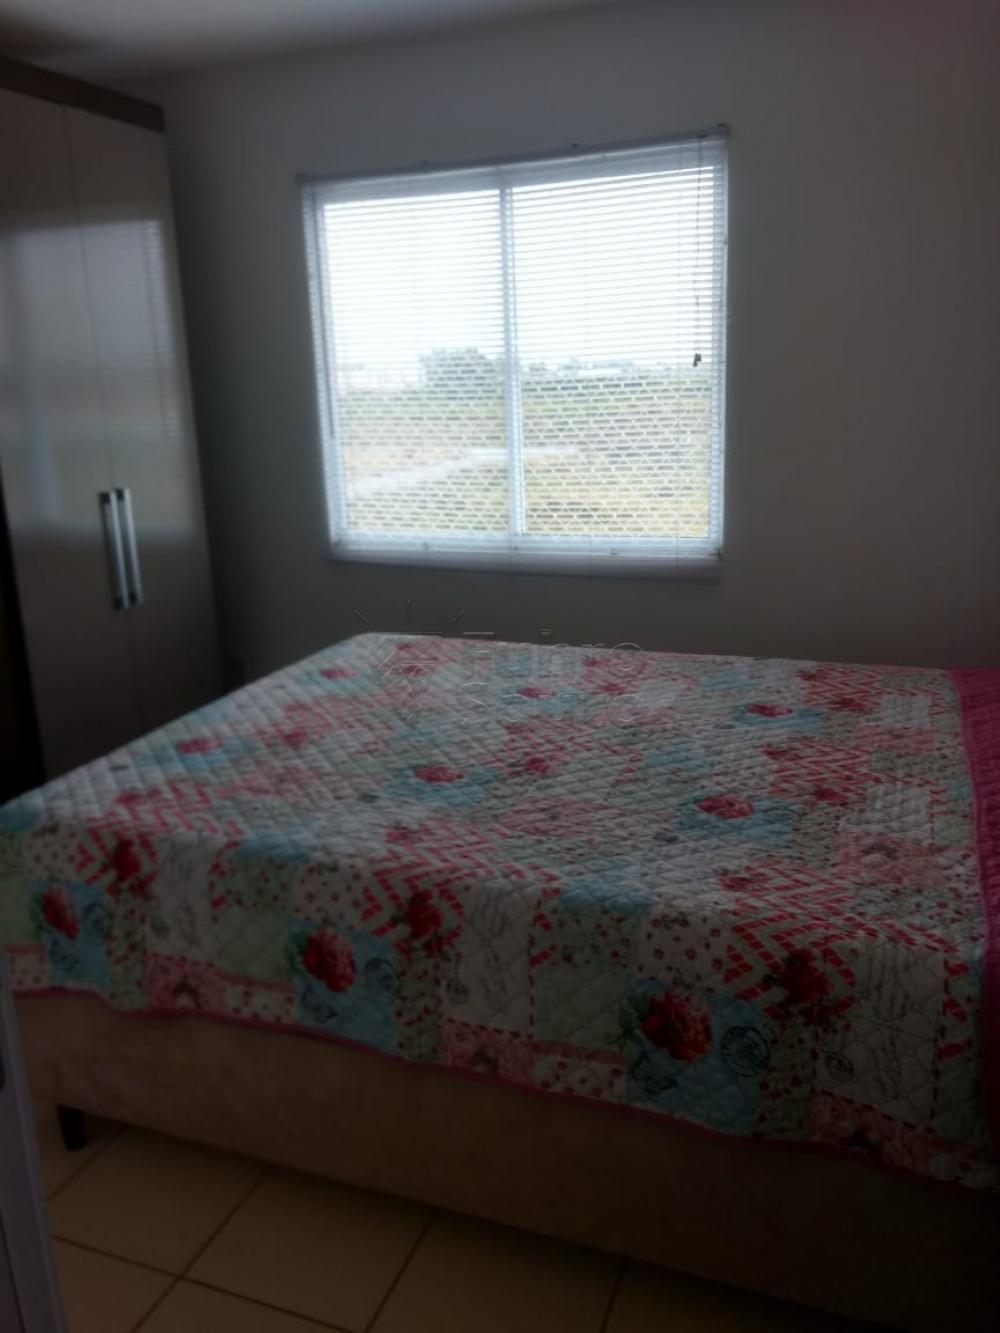 Comprar Apartamento / Padrão em Pelotas R$ 130.000,00 - Foto 12